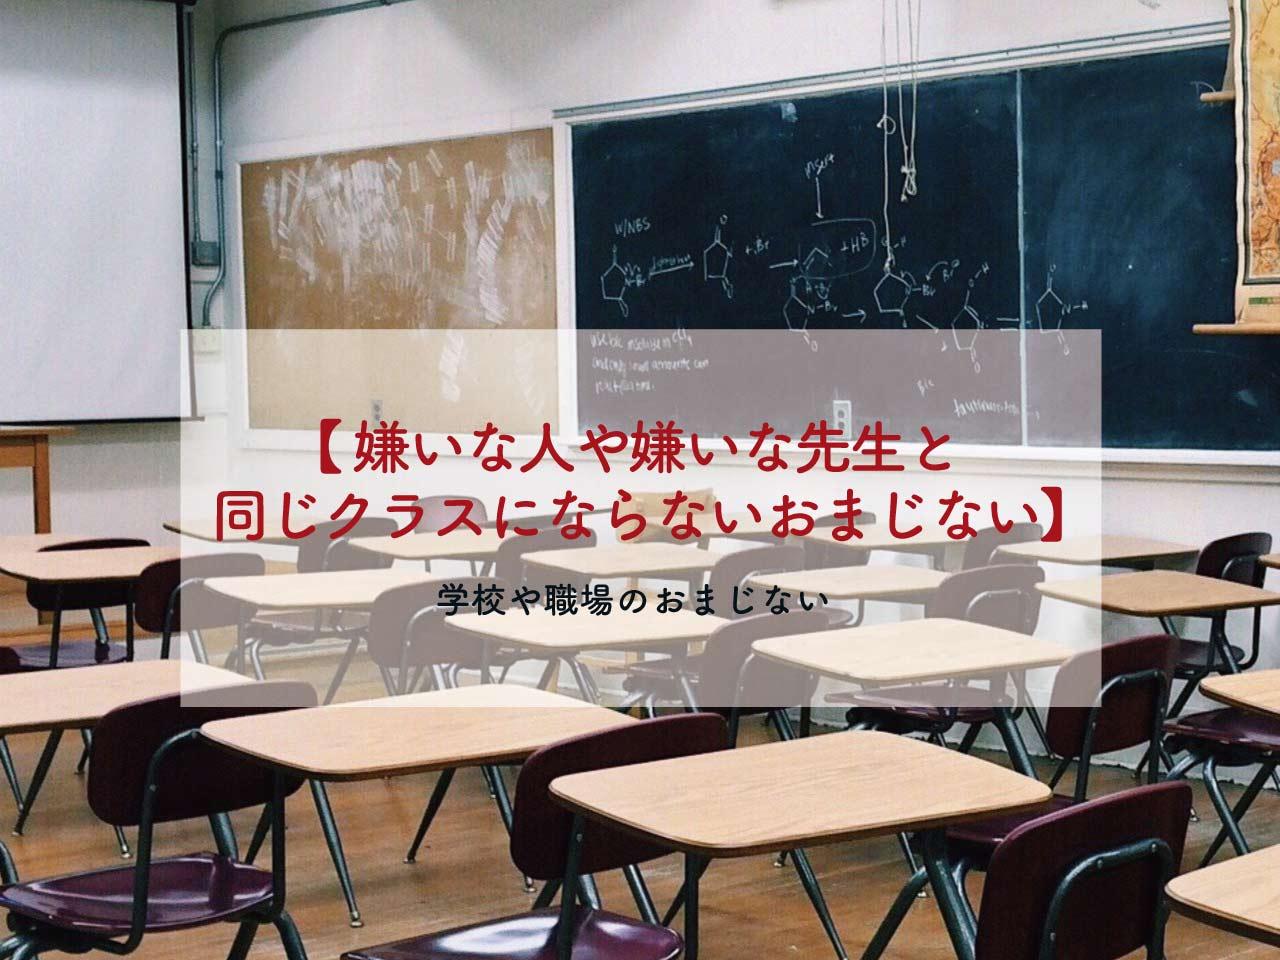 嫌いな人や嫌いな先生と同じクラスや部署にならないおまじない